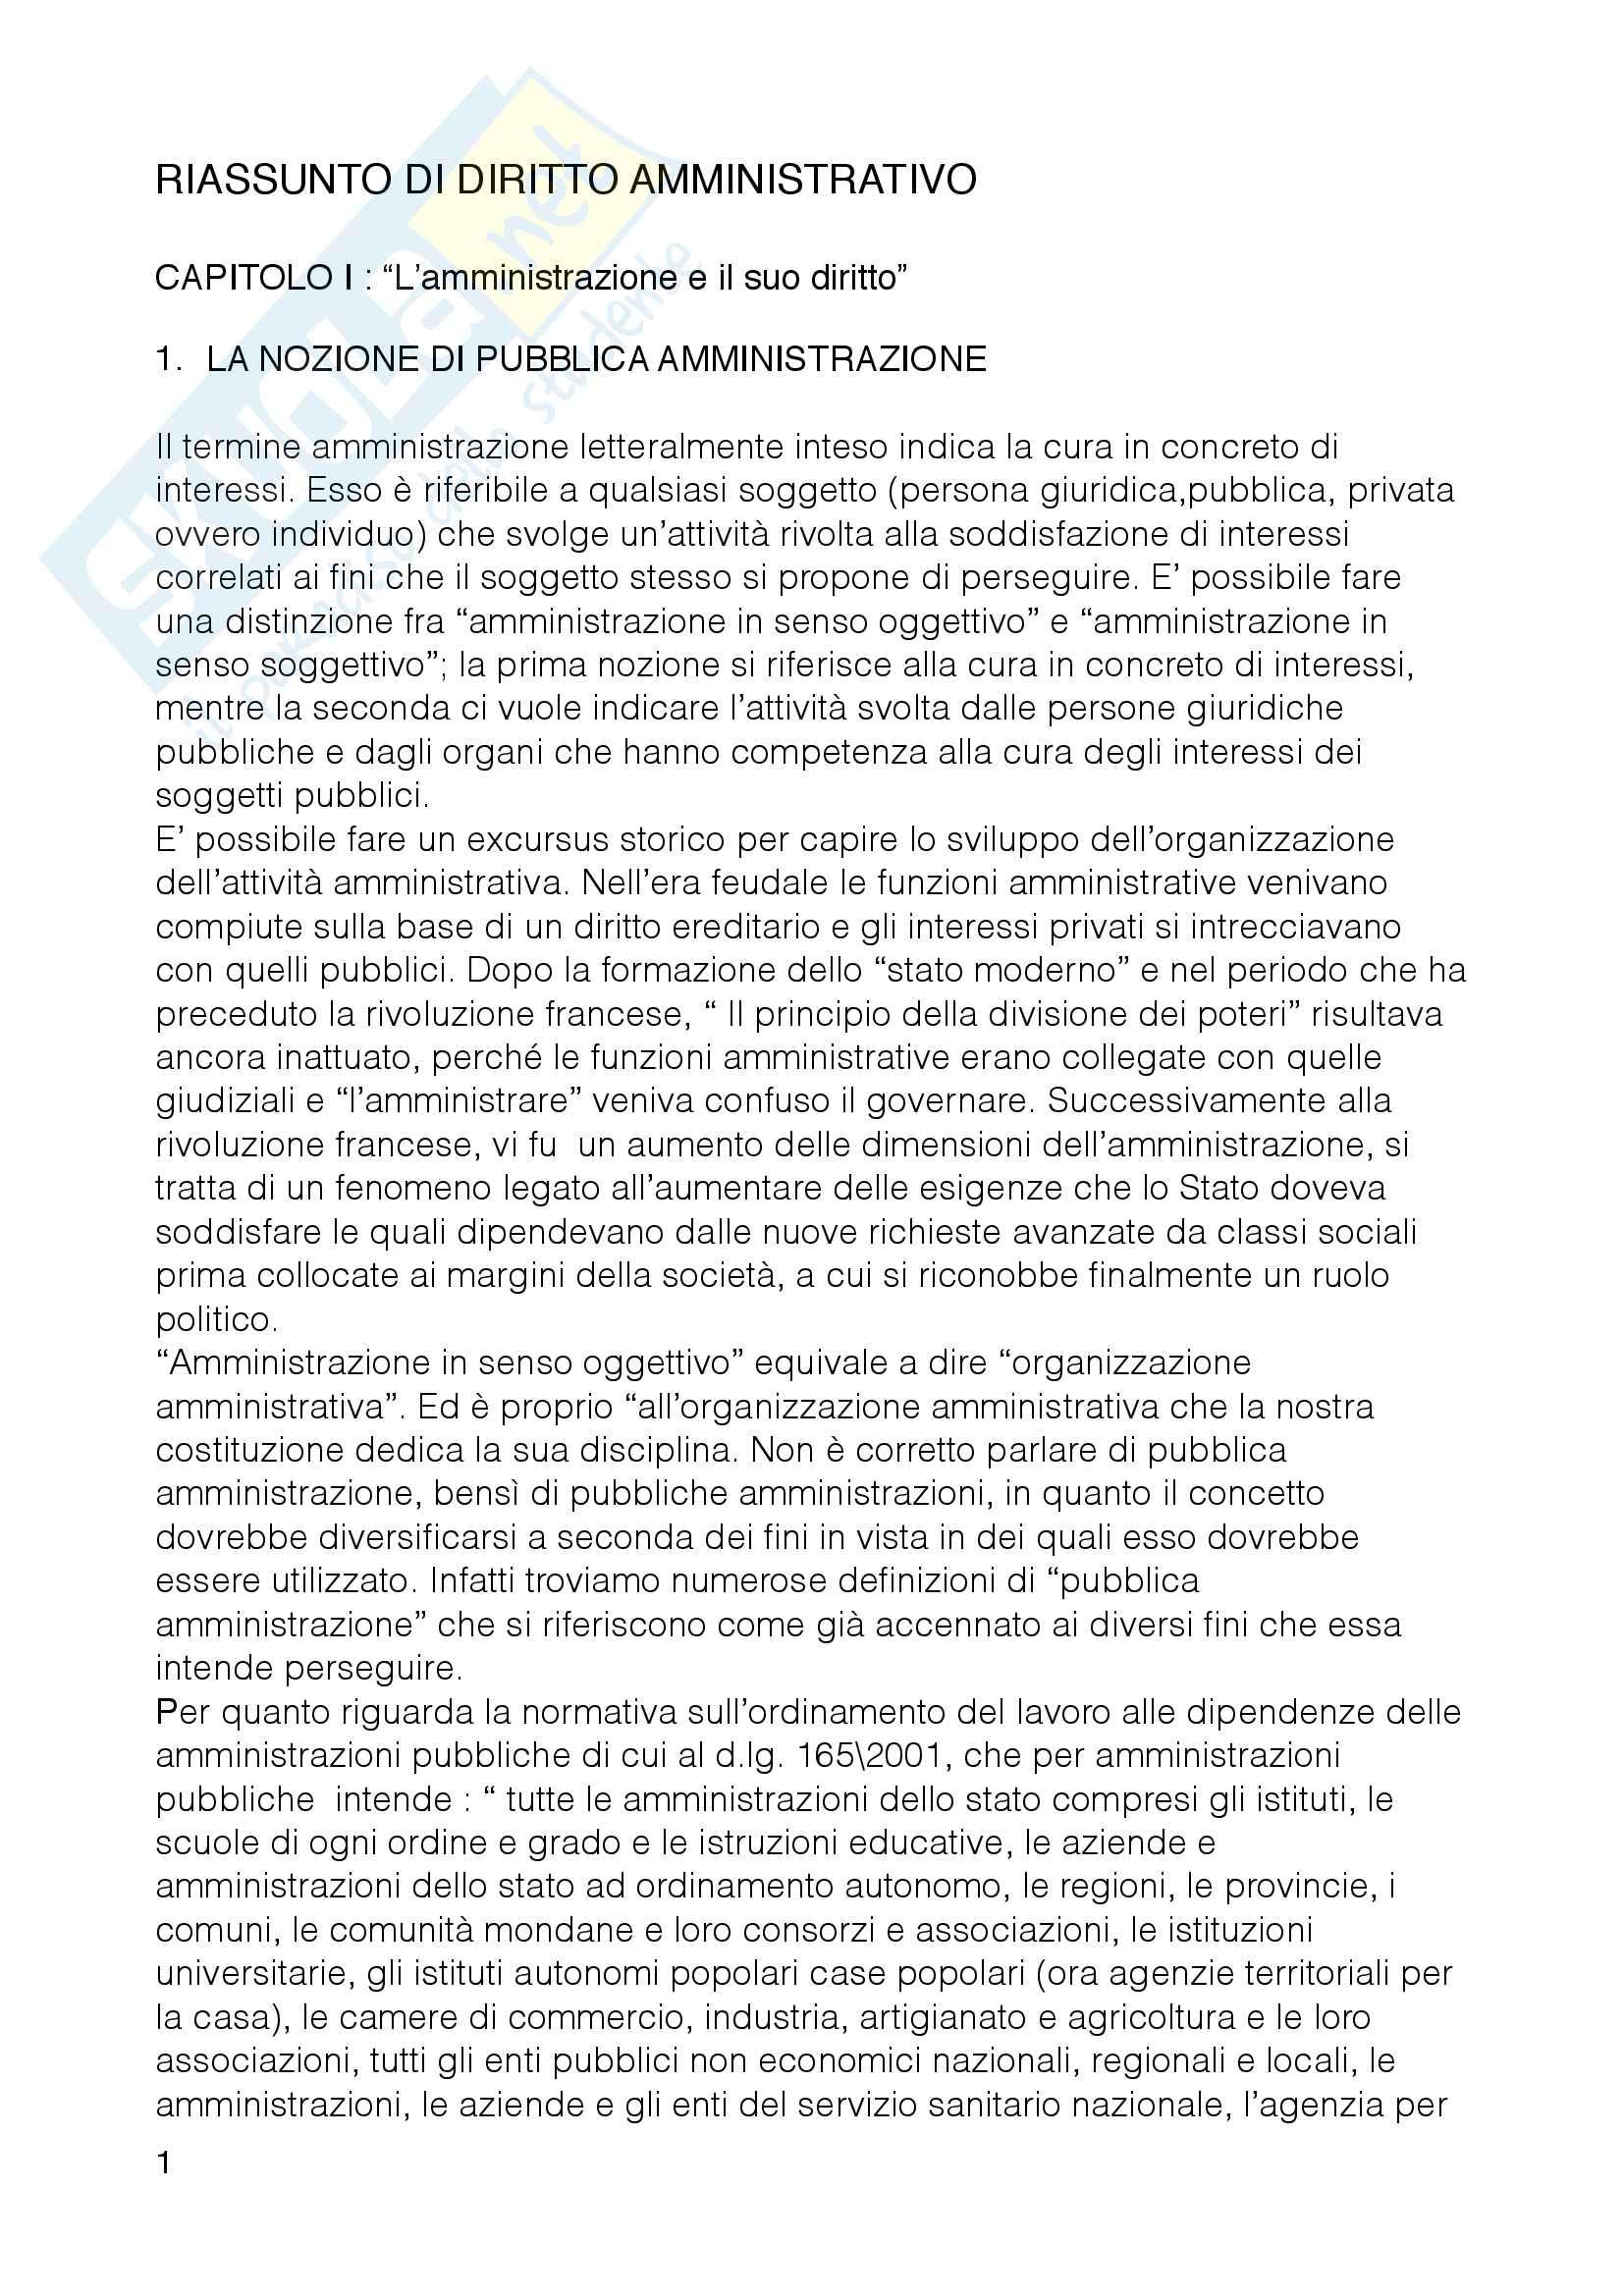 Riassunto di Diritto Amministrativo, Nozioni principali di diritto amministrativo